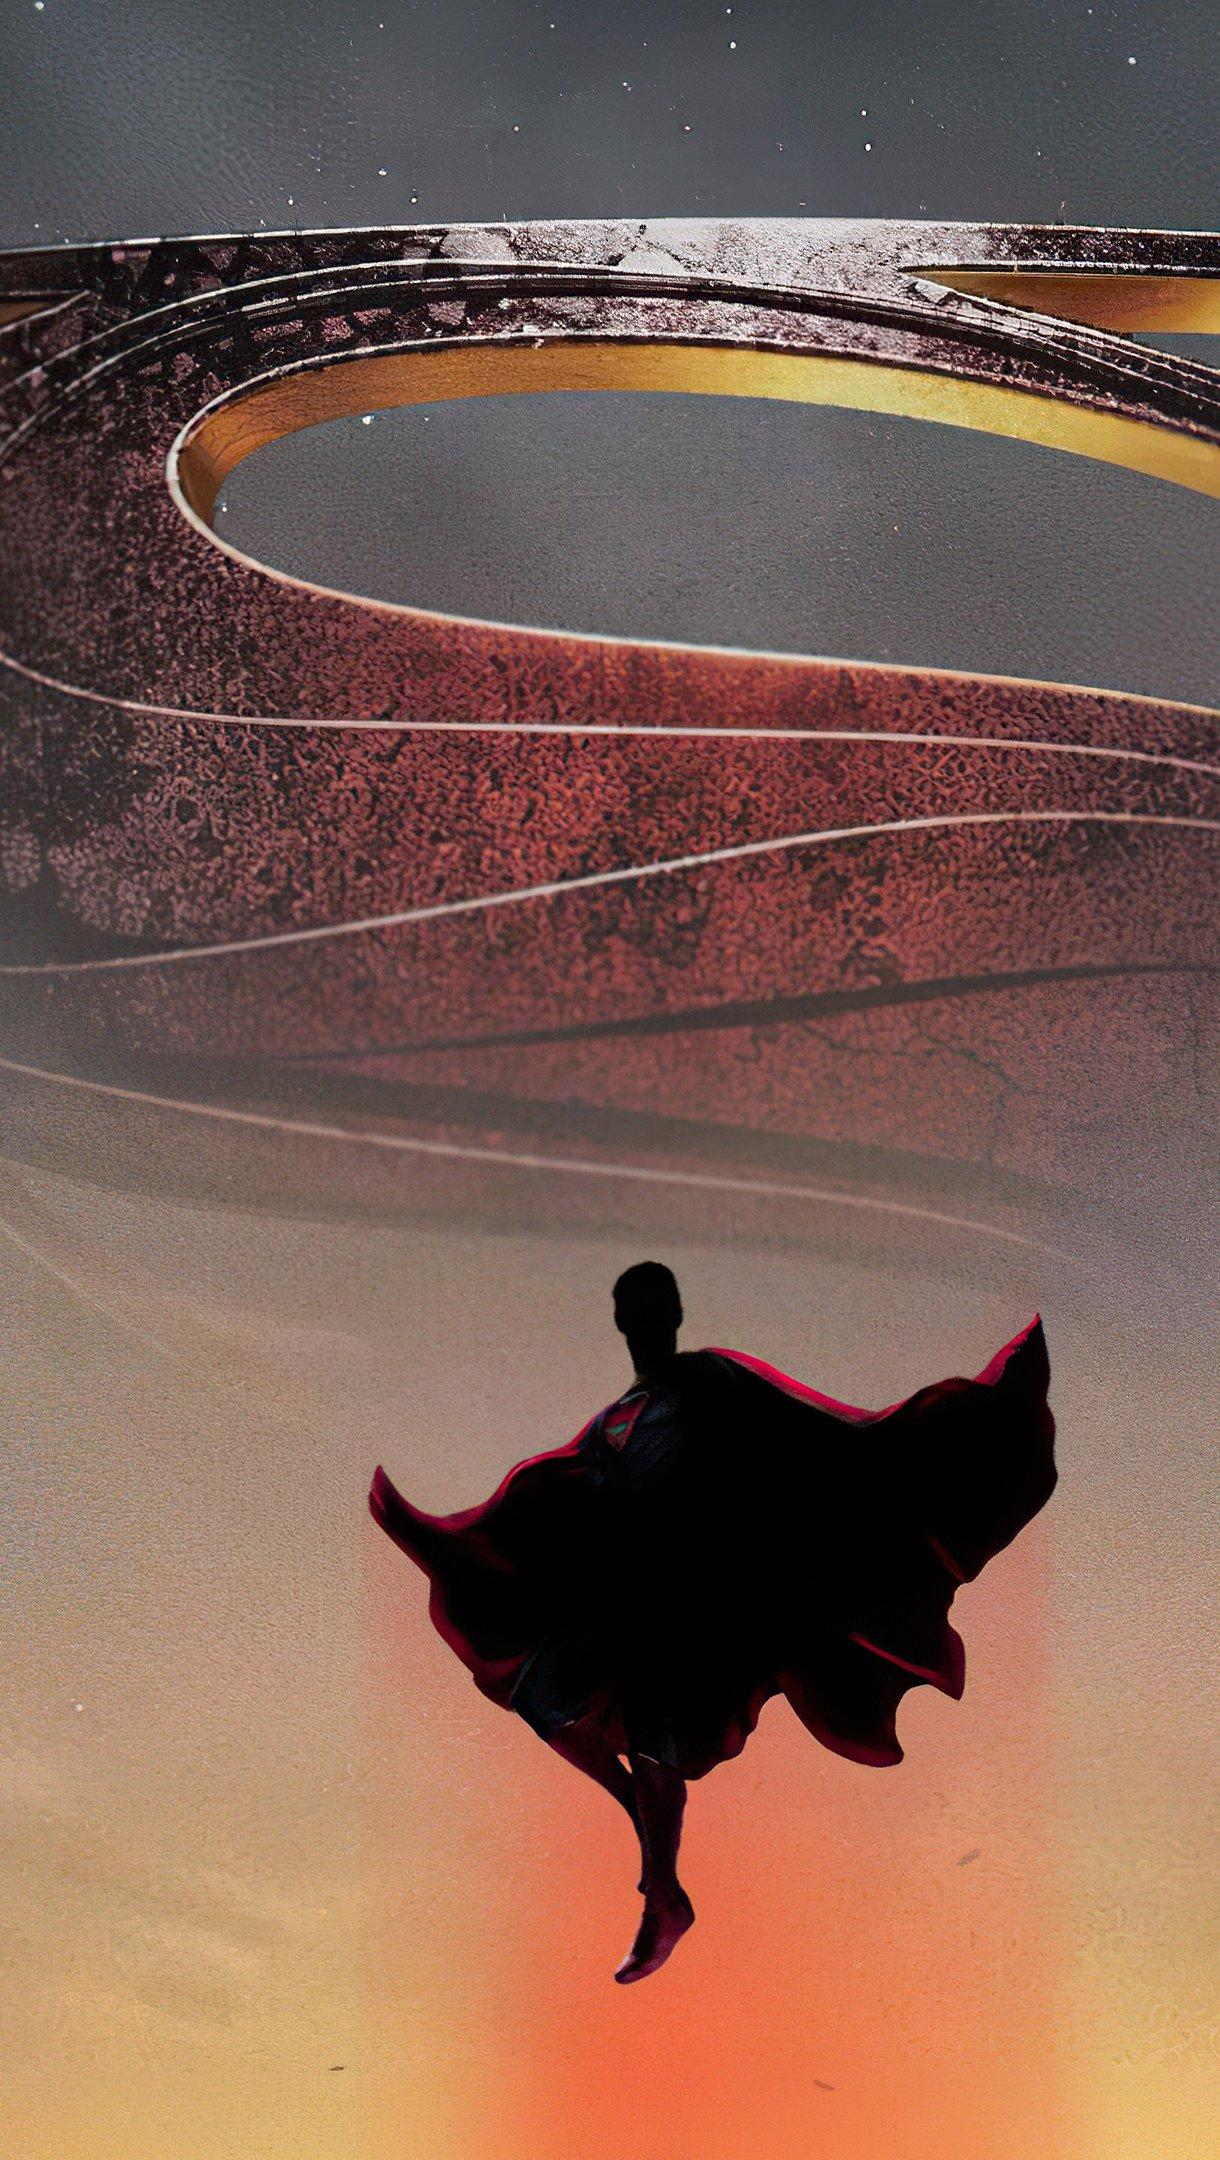 Wallpaper Superman Eternals Poster Vertical